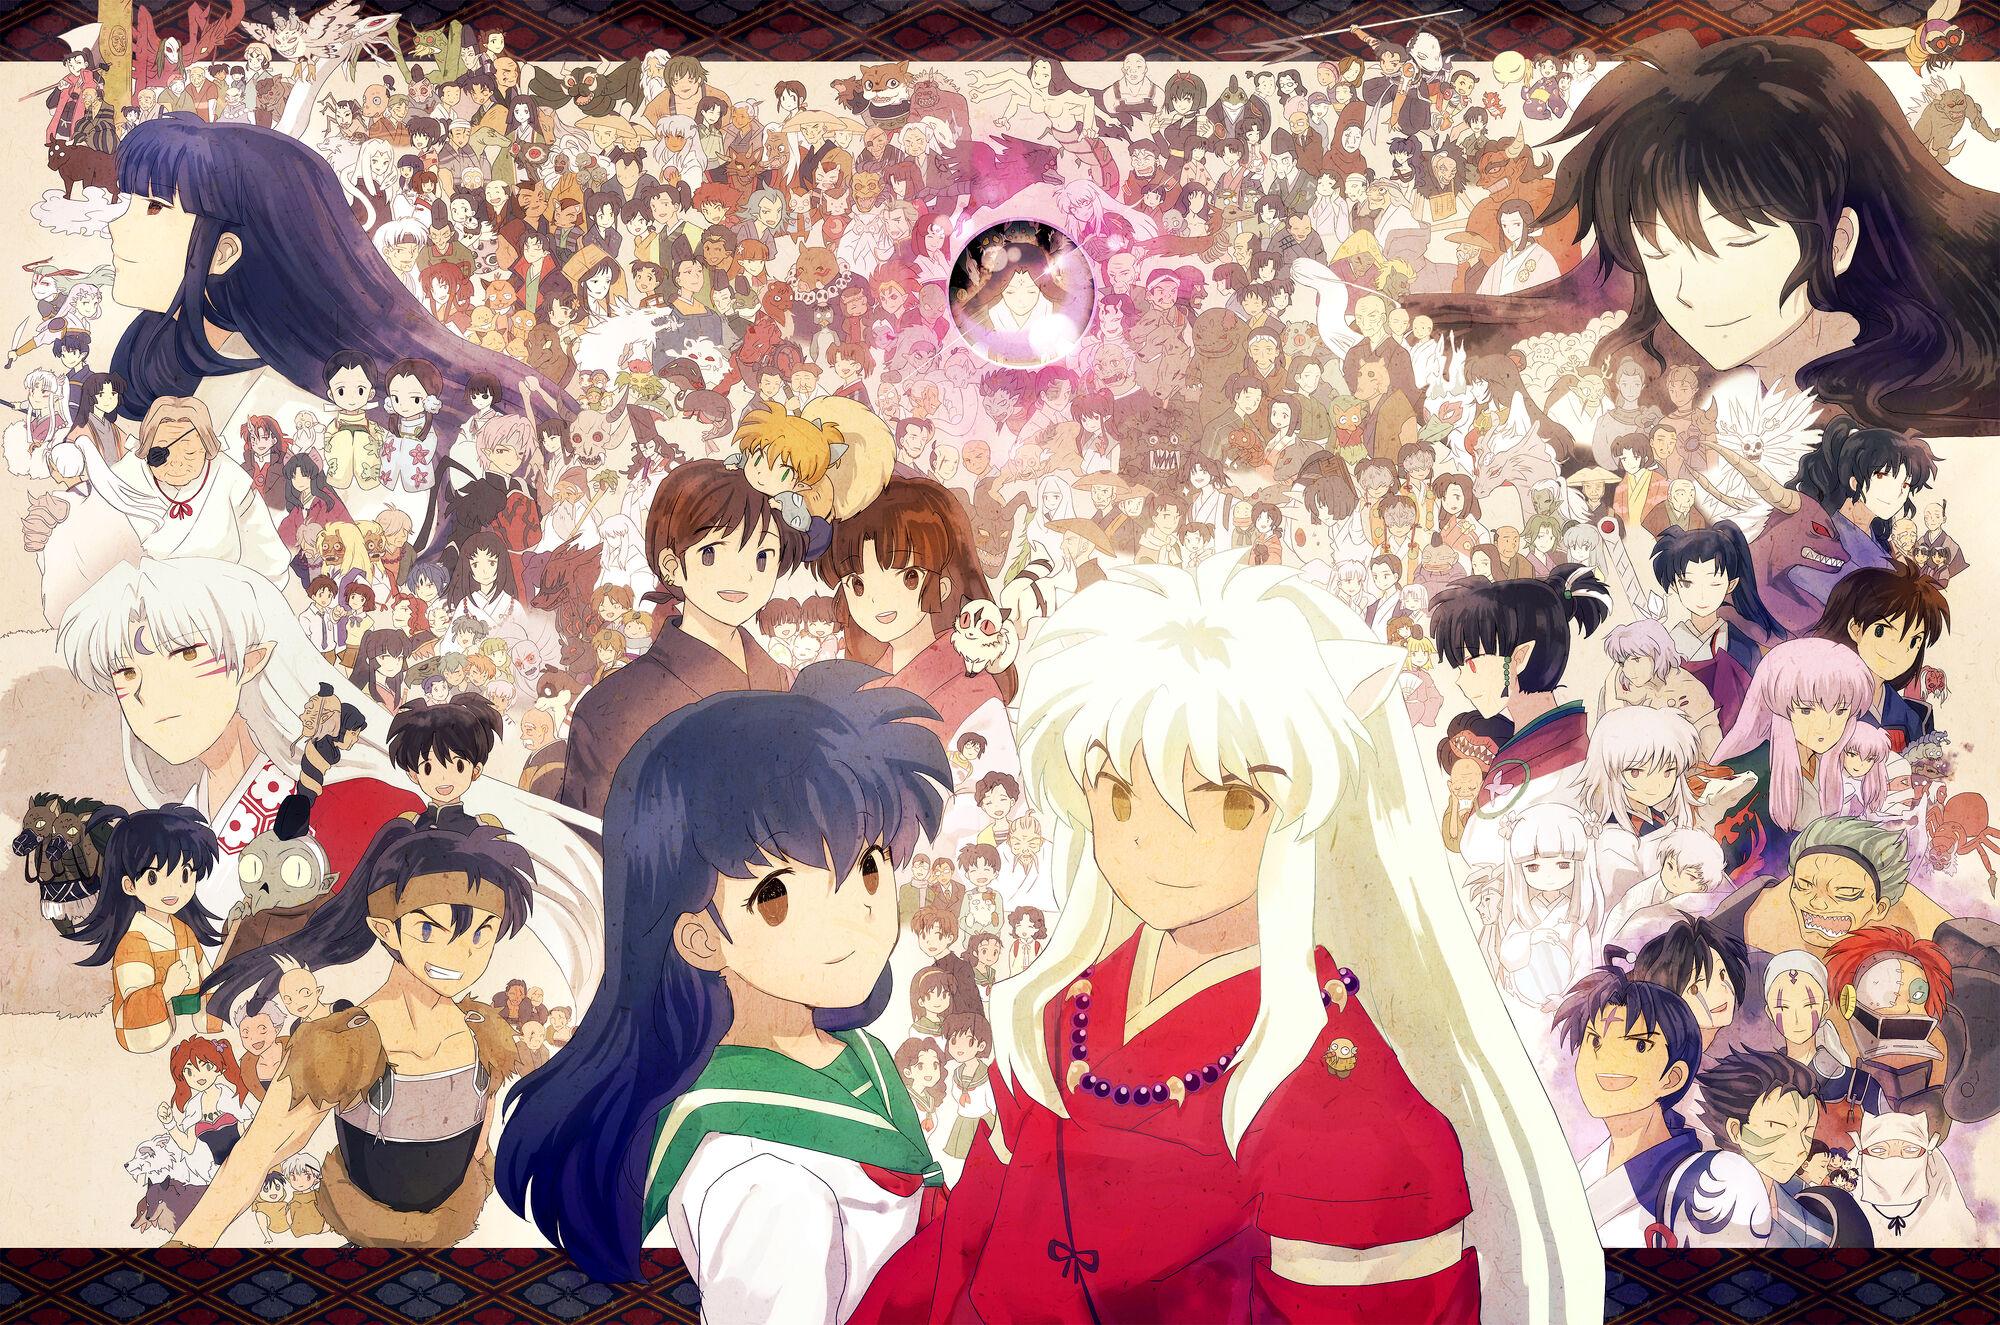 Inuyasha Anime Cast